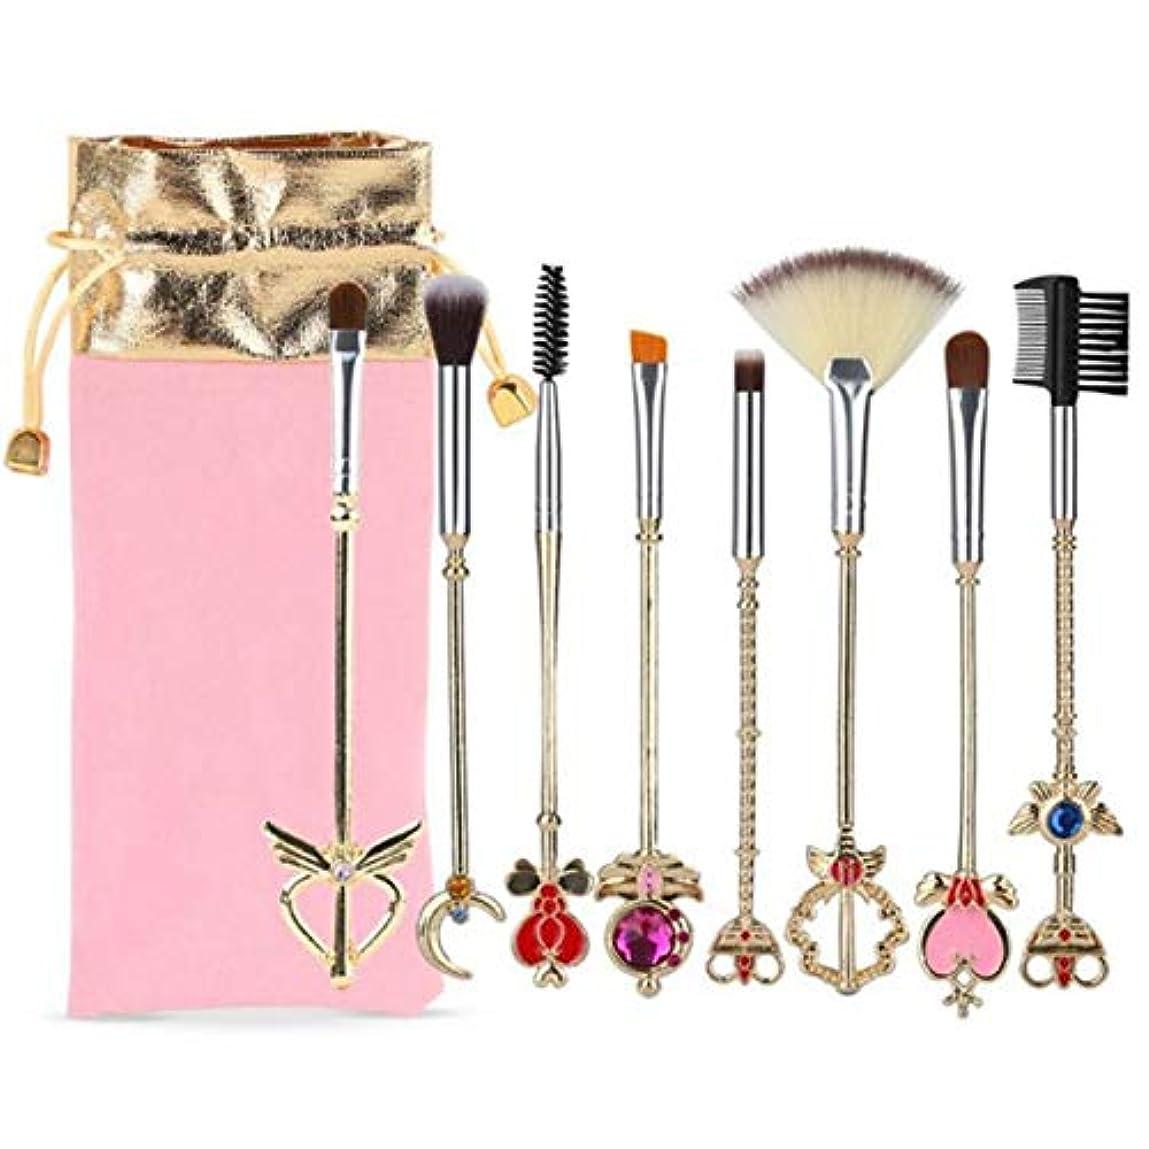 パーツパネル天皇Quzama-JS よく作られた8 PCのセーラームーン化粧ブラシは、ポーチ、魔法の女の子ゴールドcardcaptor桜の化粧ブラシでセットされた巾着バッグ